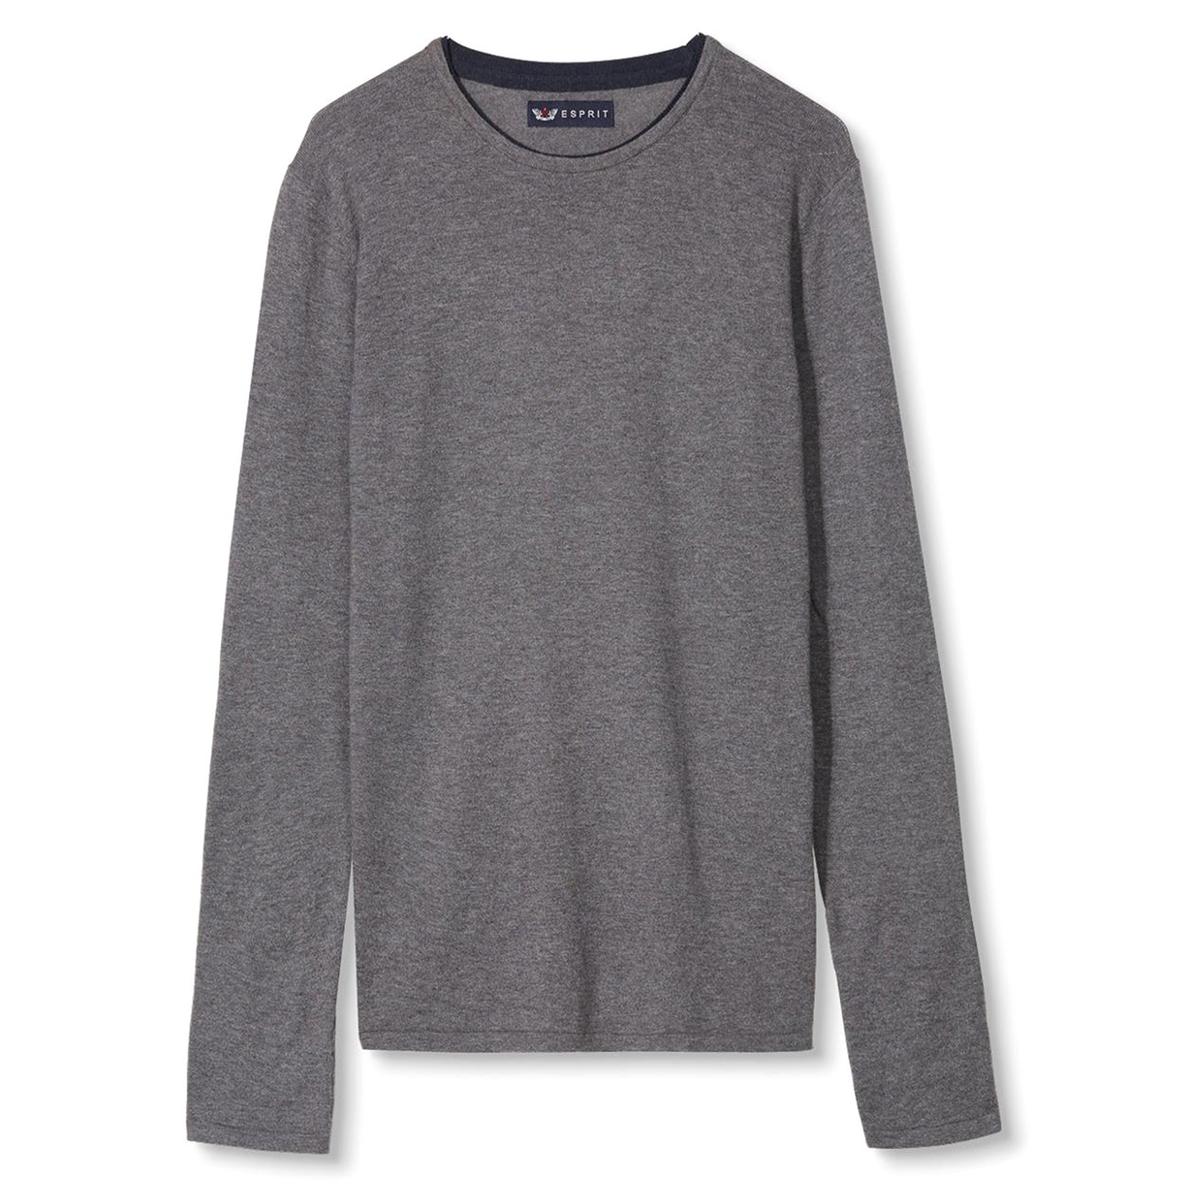 Пуловер с нашивками на локтяхПуловер - ESPRIT. Прямой покрой, круглый вырез. Контрастная отделка выреза и двухцветные нашивки на локтях. Состав и описание:Материал: 100% хлопка.Марка: ESPRIT.<br><br>Цвет: серый,темно-синий